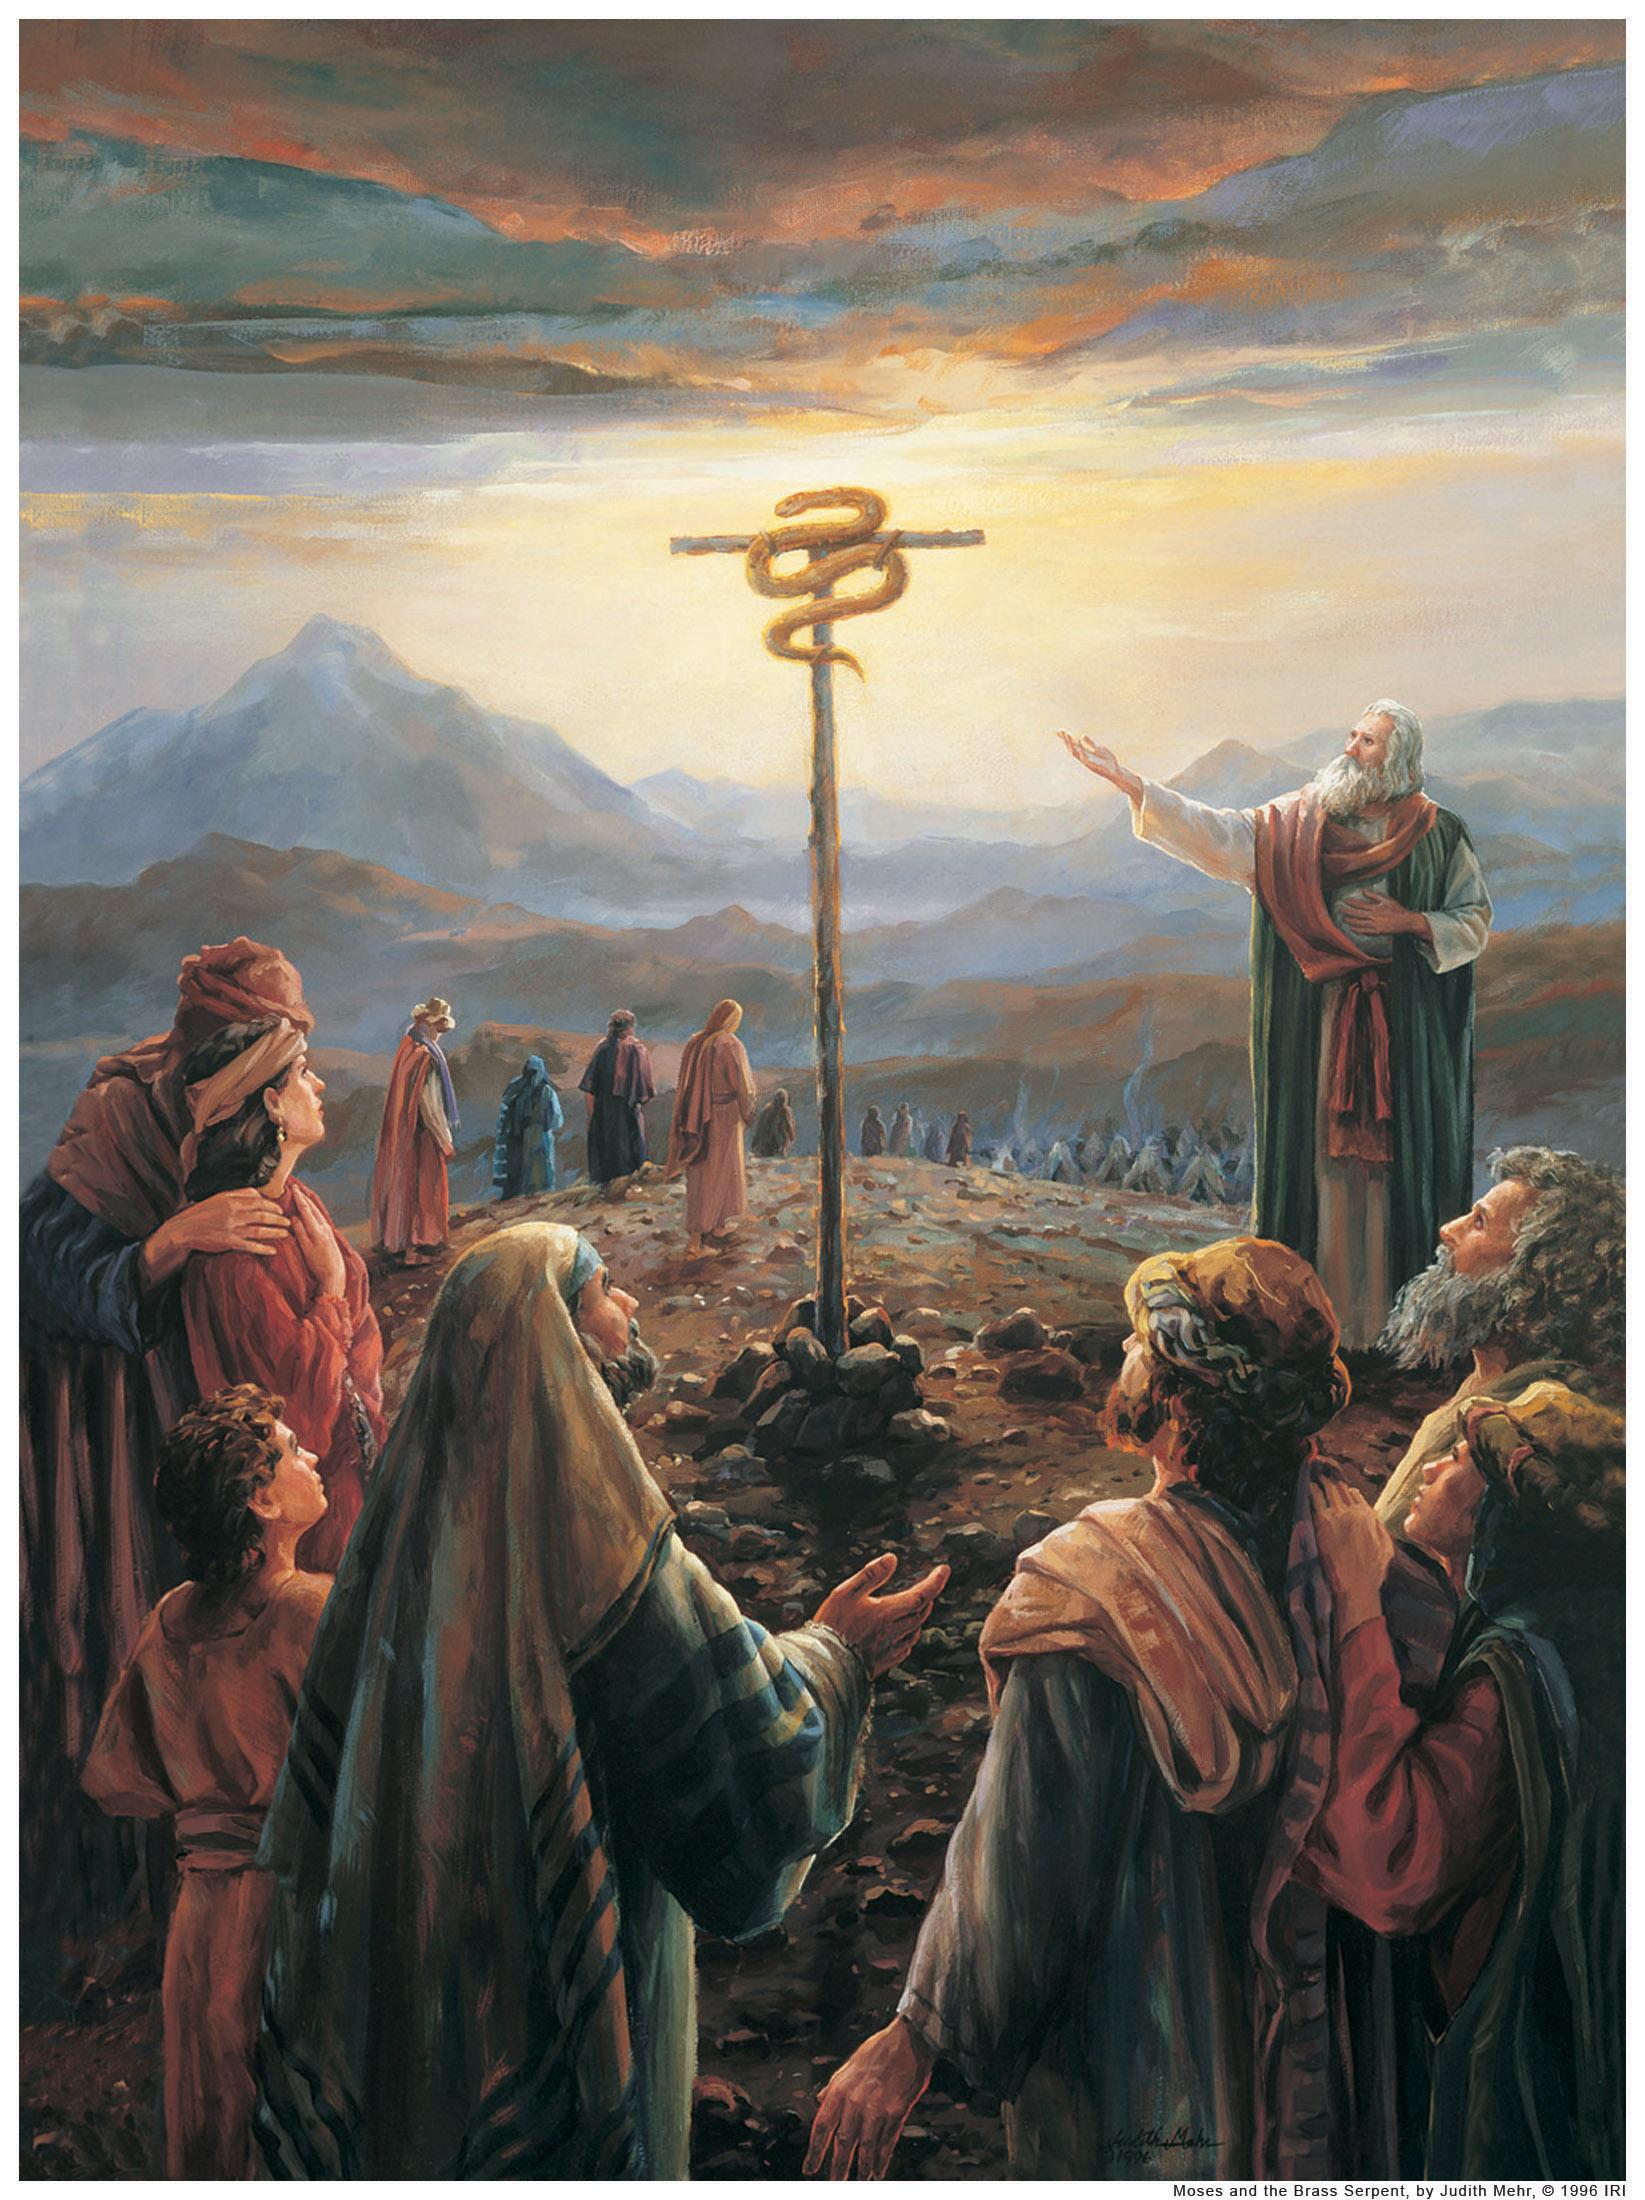 福音畫冊1 ----舊約圣經-沃土陽光-搜狐博客